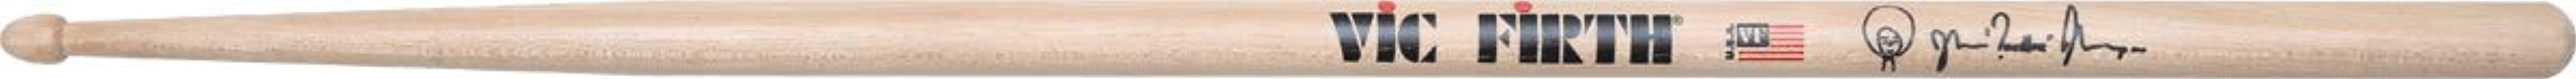 VIC FIRTH ヴィックファース シグネイチャードラムスティック Ahmir Questlove Thompson Clear Finish VIC-SAT2